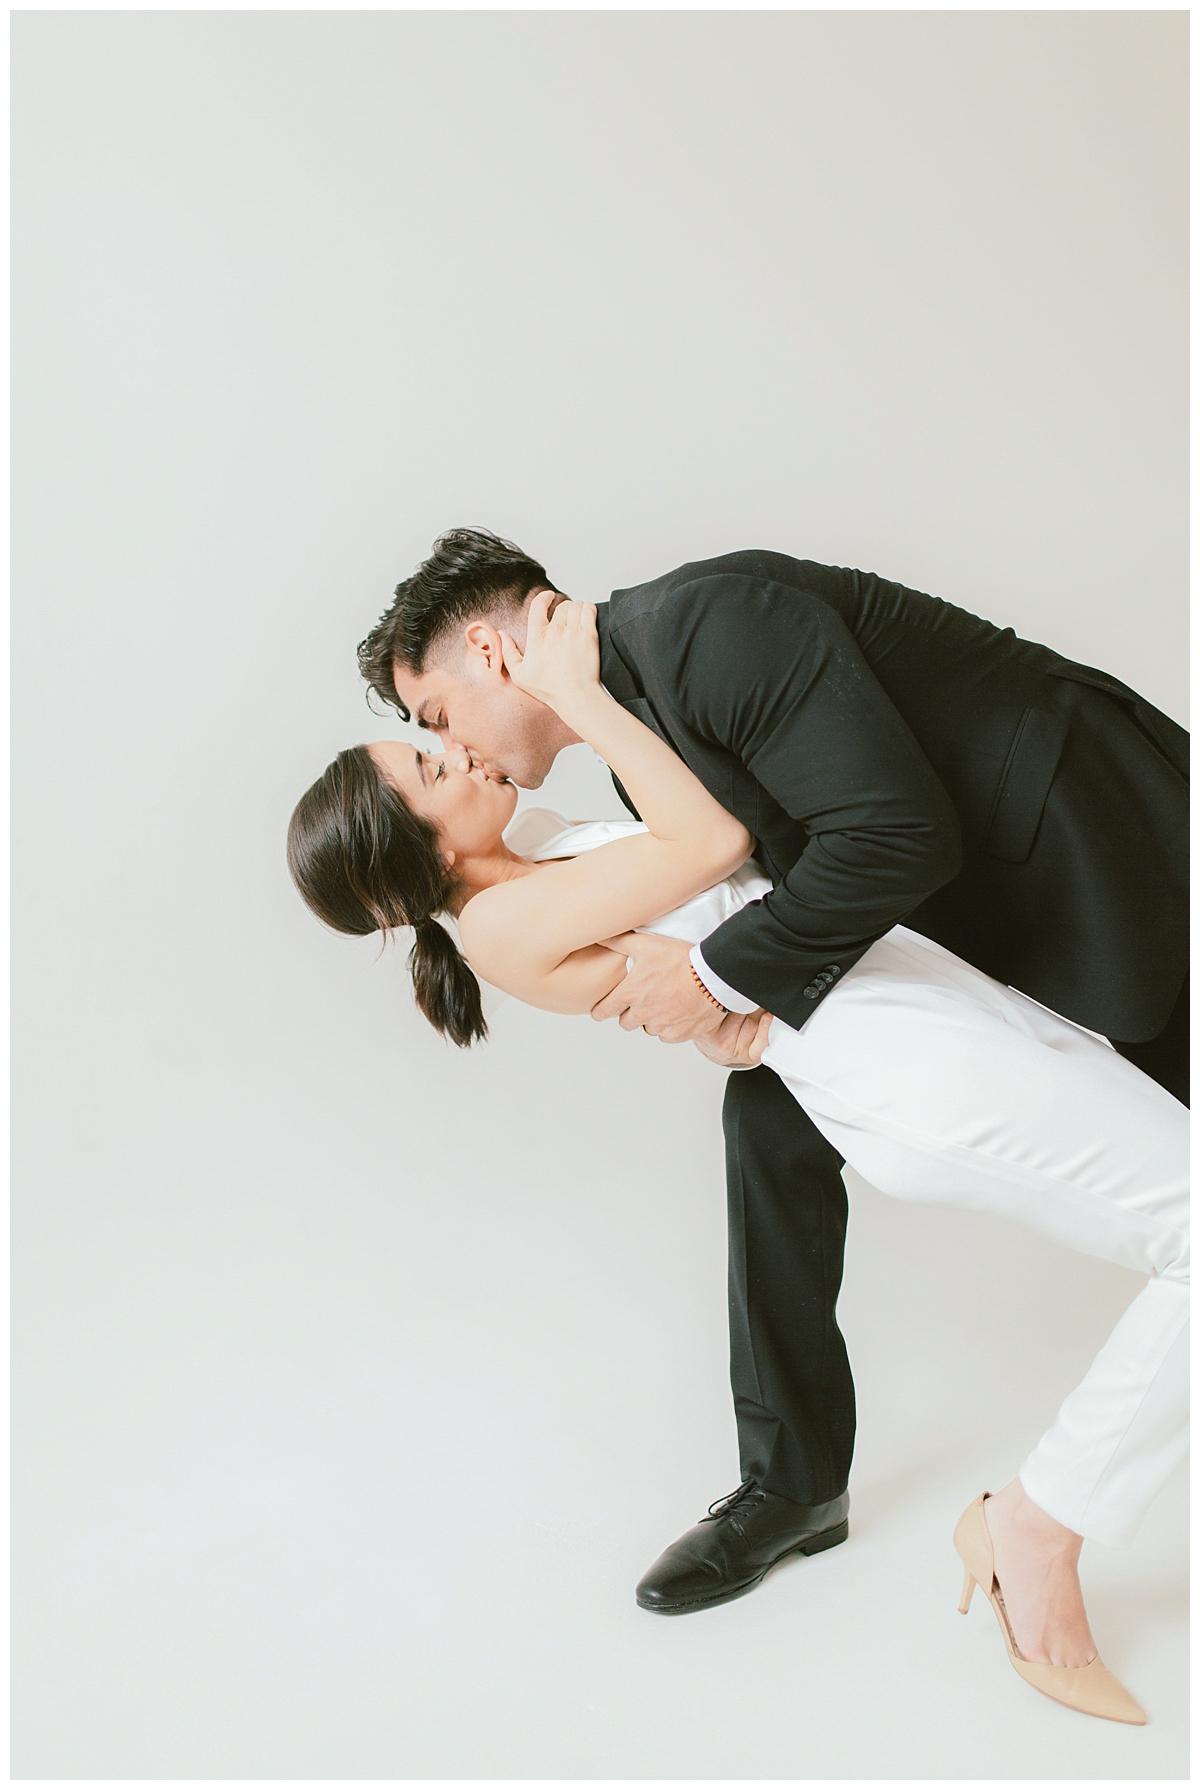 Hong Kong Fine Art Wedding Prewedding Photographer Mattie C. 00025.jpg